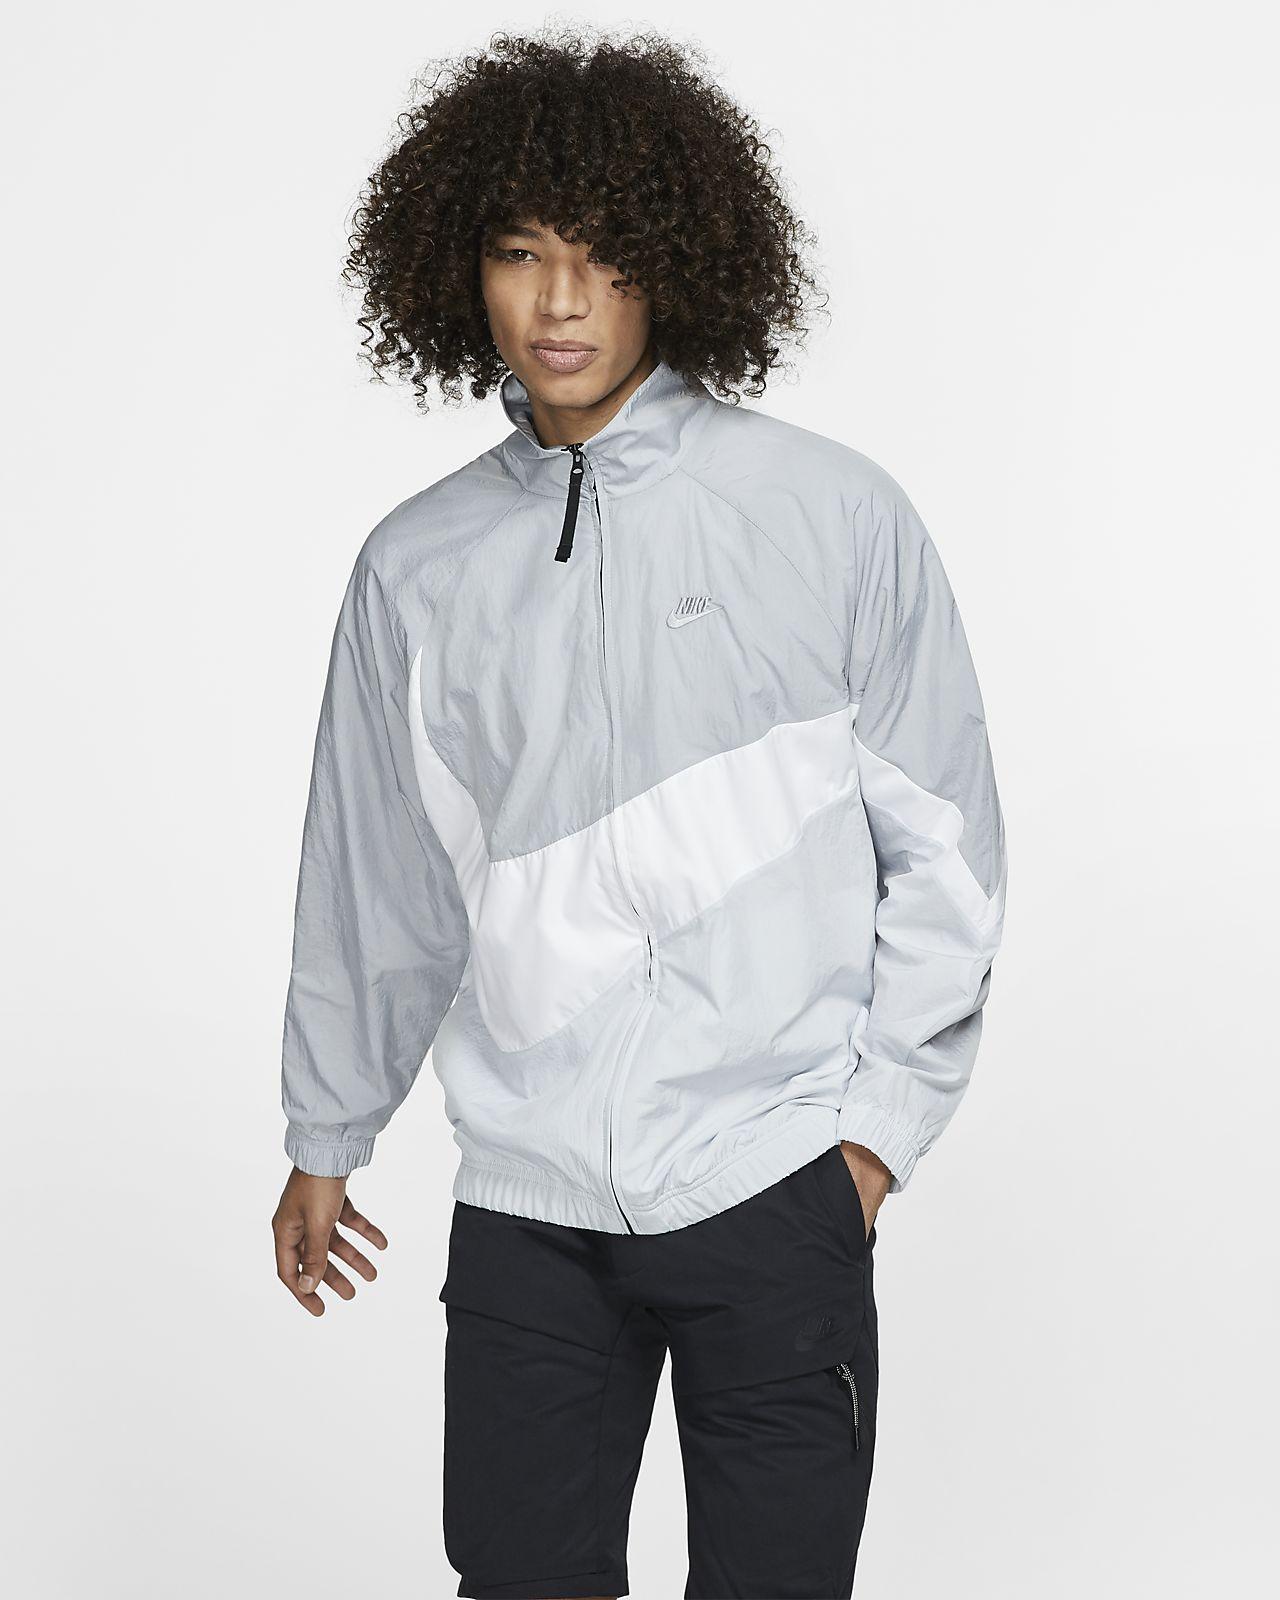 Nike Sportswear 男子梭织夹克